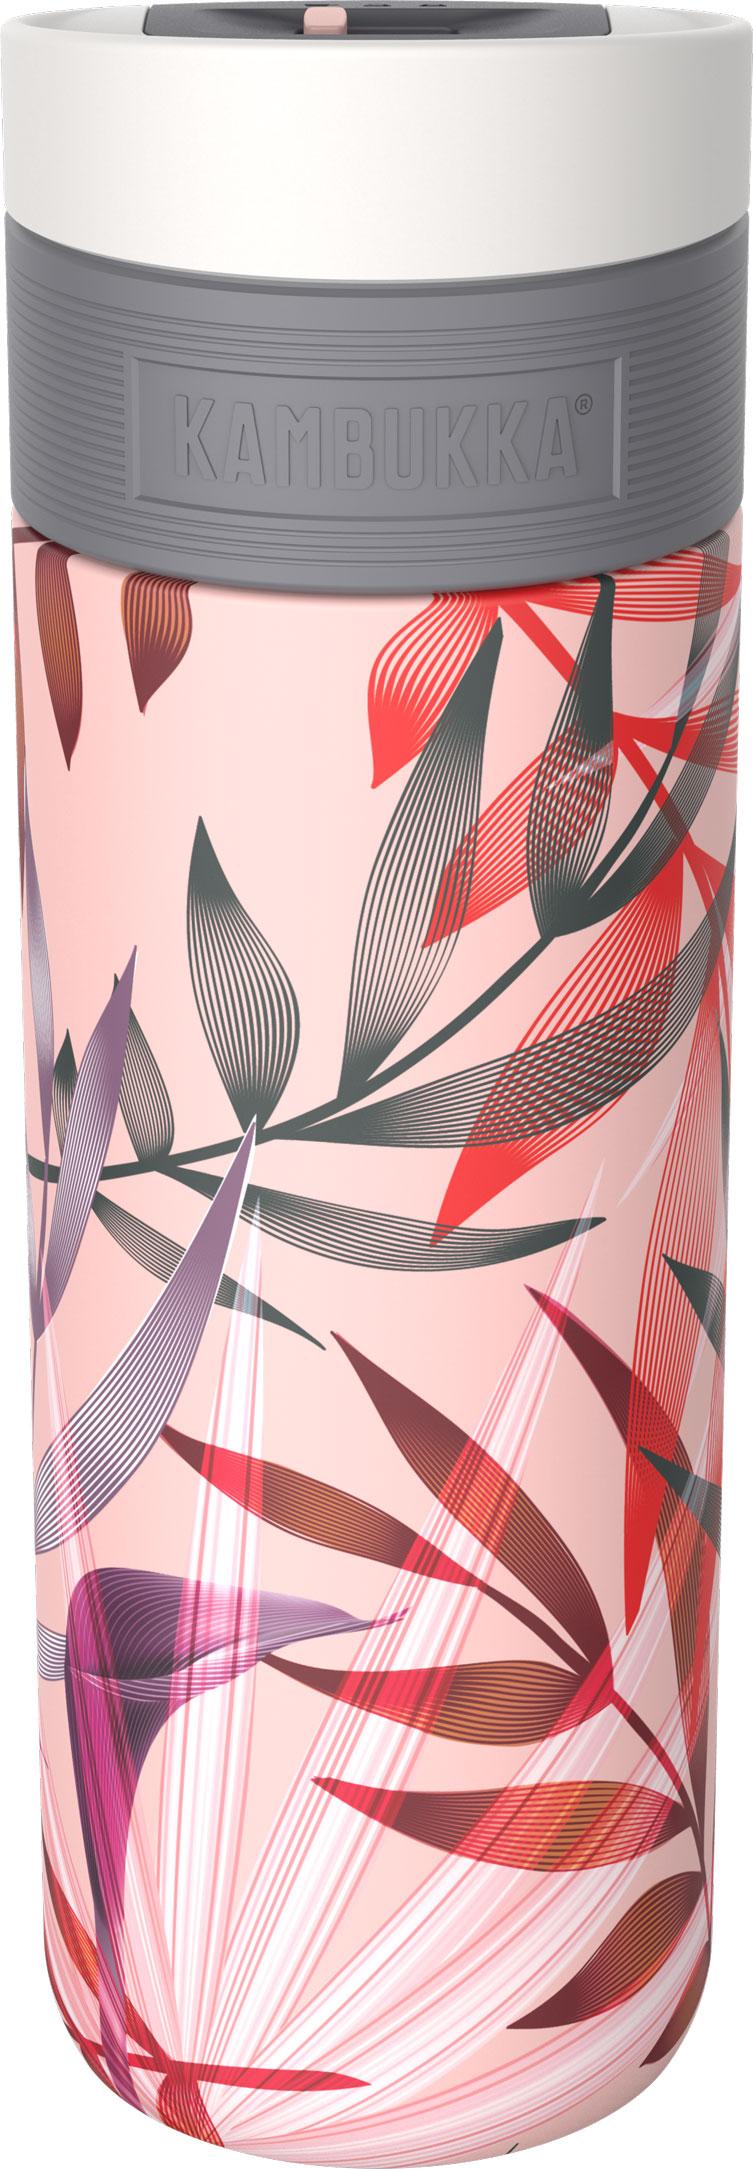 בקבוק שתיה תרמי 500 מ״ל Kambukka Etna Trumpet Flower